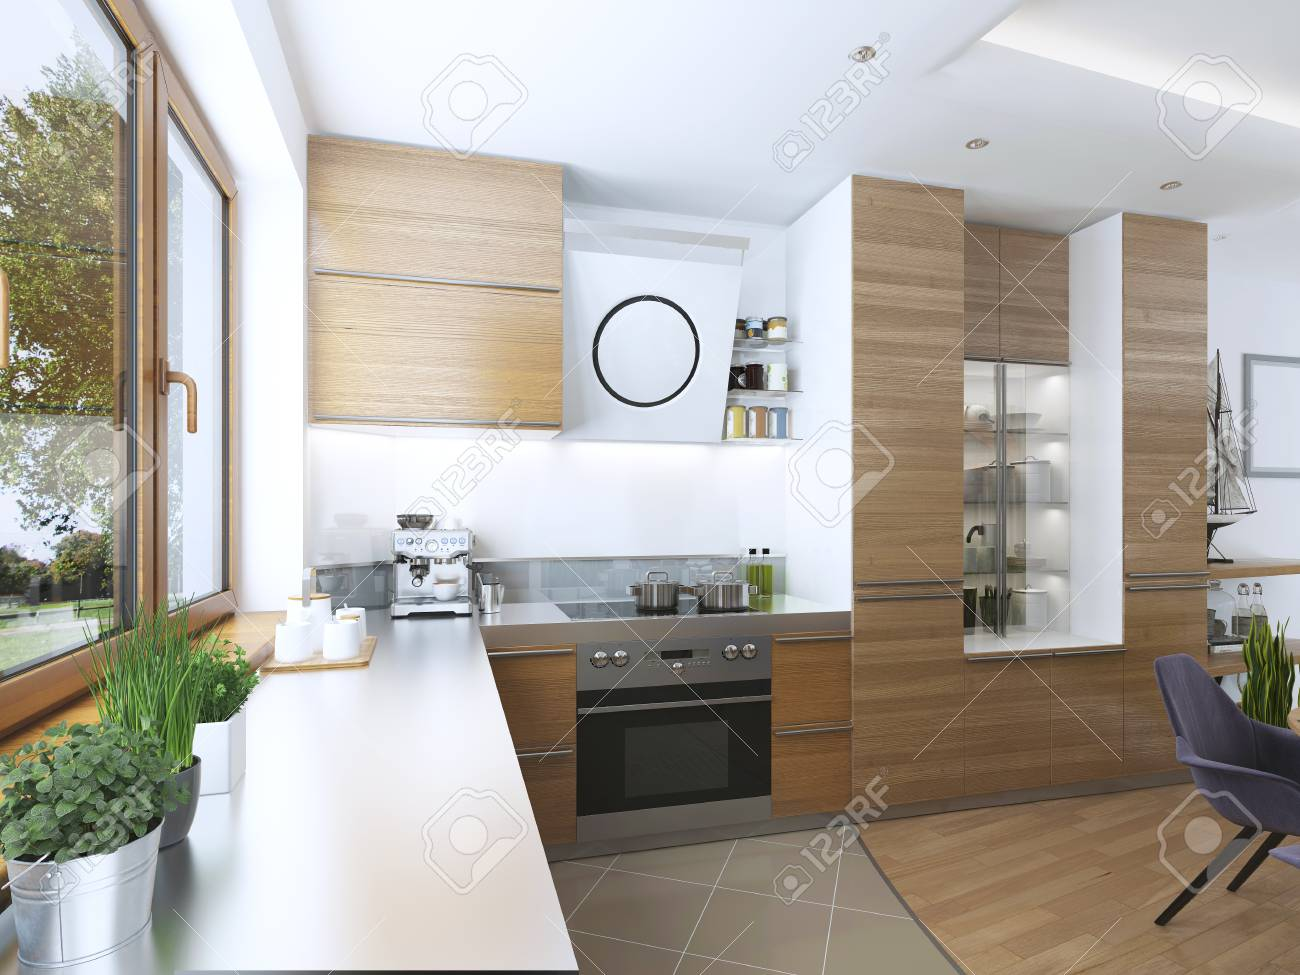 Cuisine Moderne Dans Le Style Contemporain Salle A Manger Facades De Cuisine De Bois Clair Avec Une Cagoule Sur La Cuisiniere Et Les Appareils